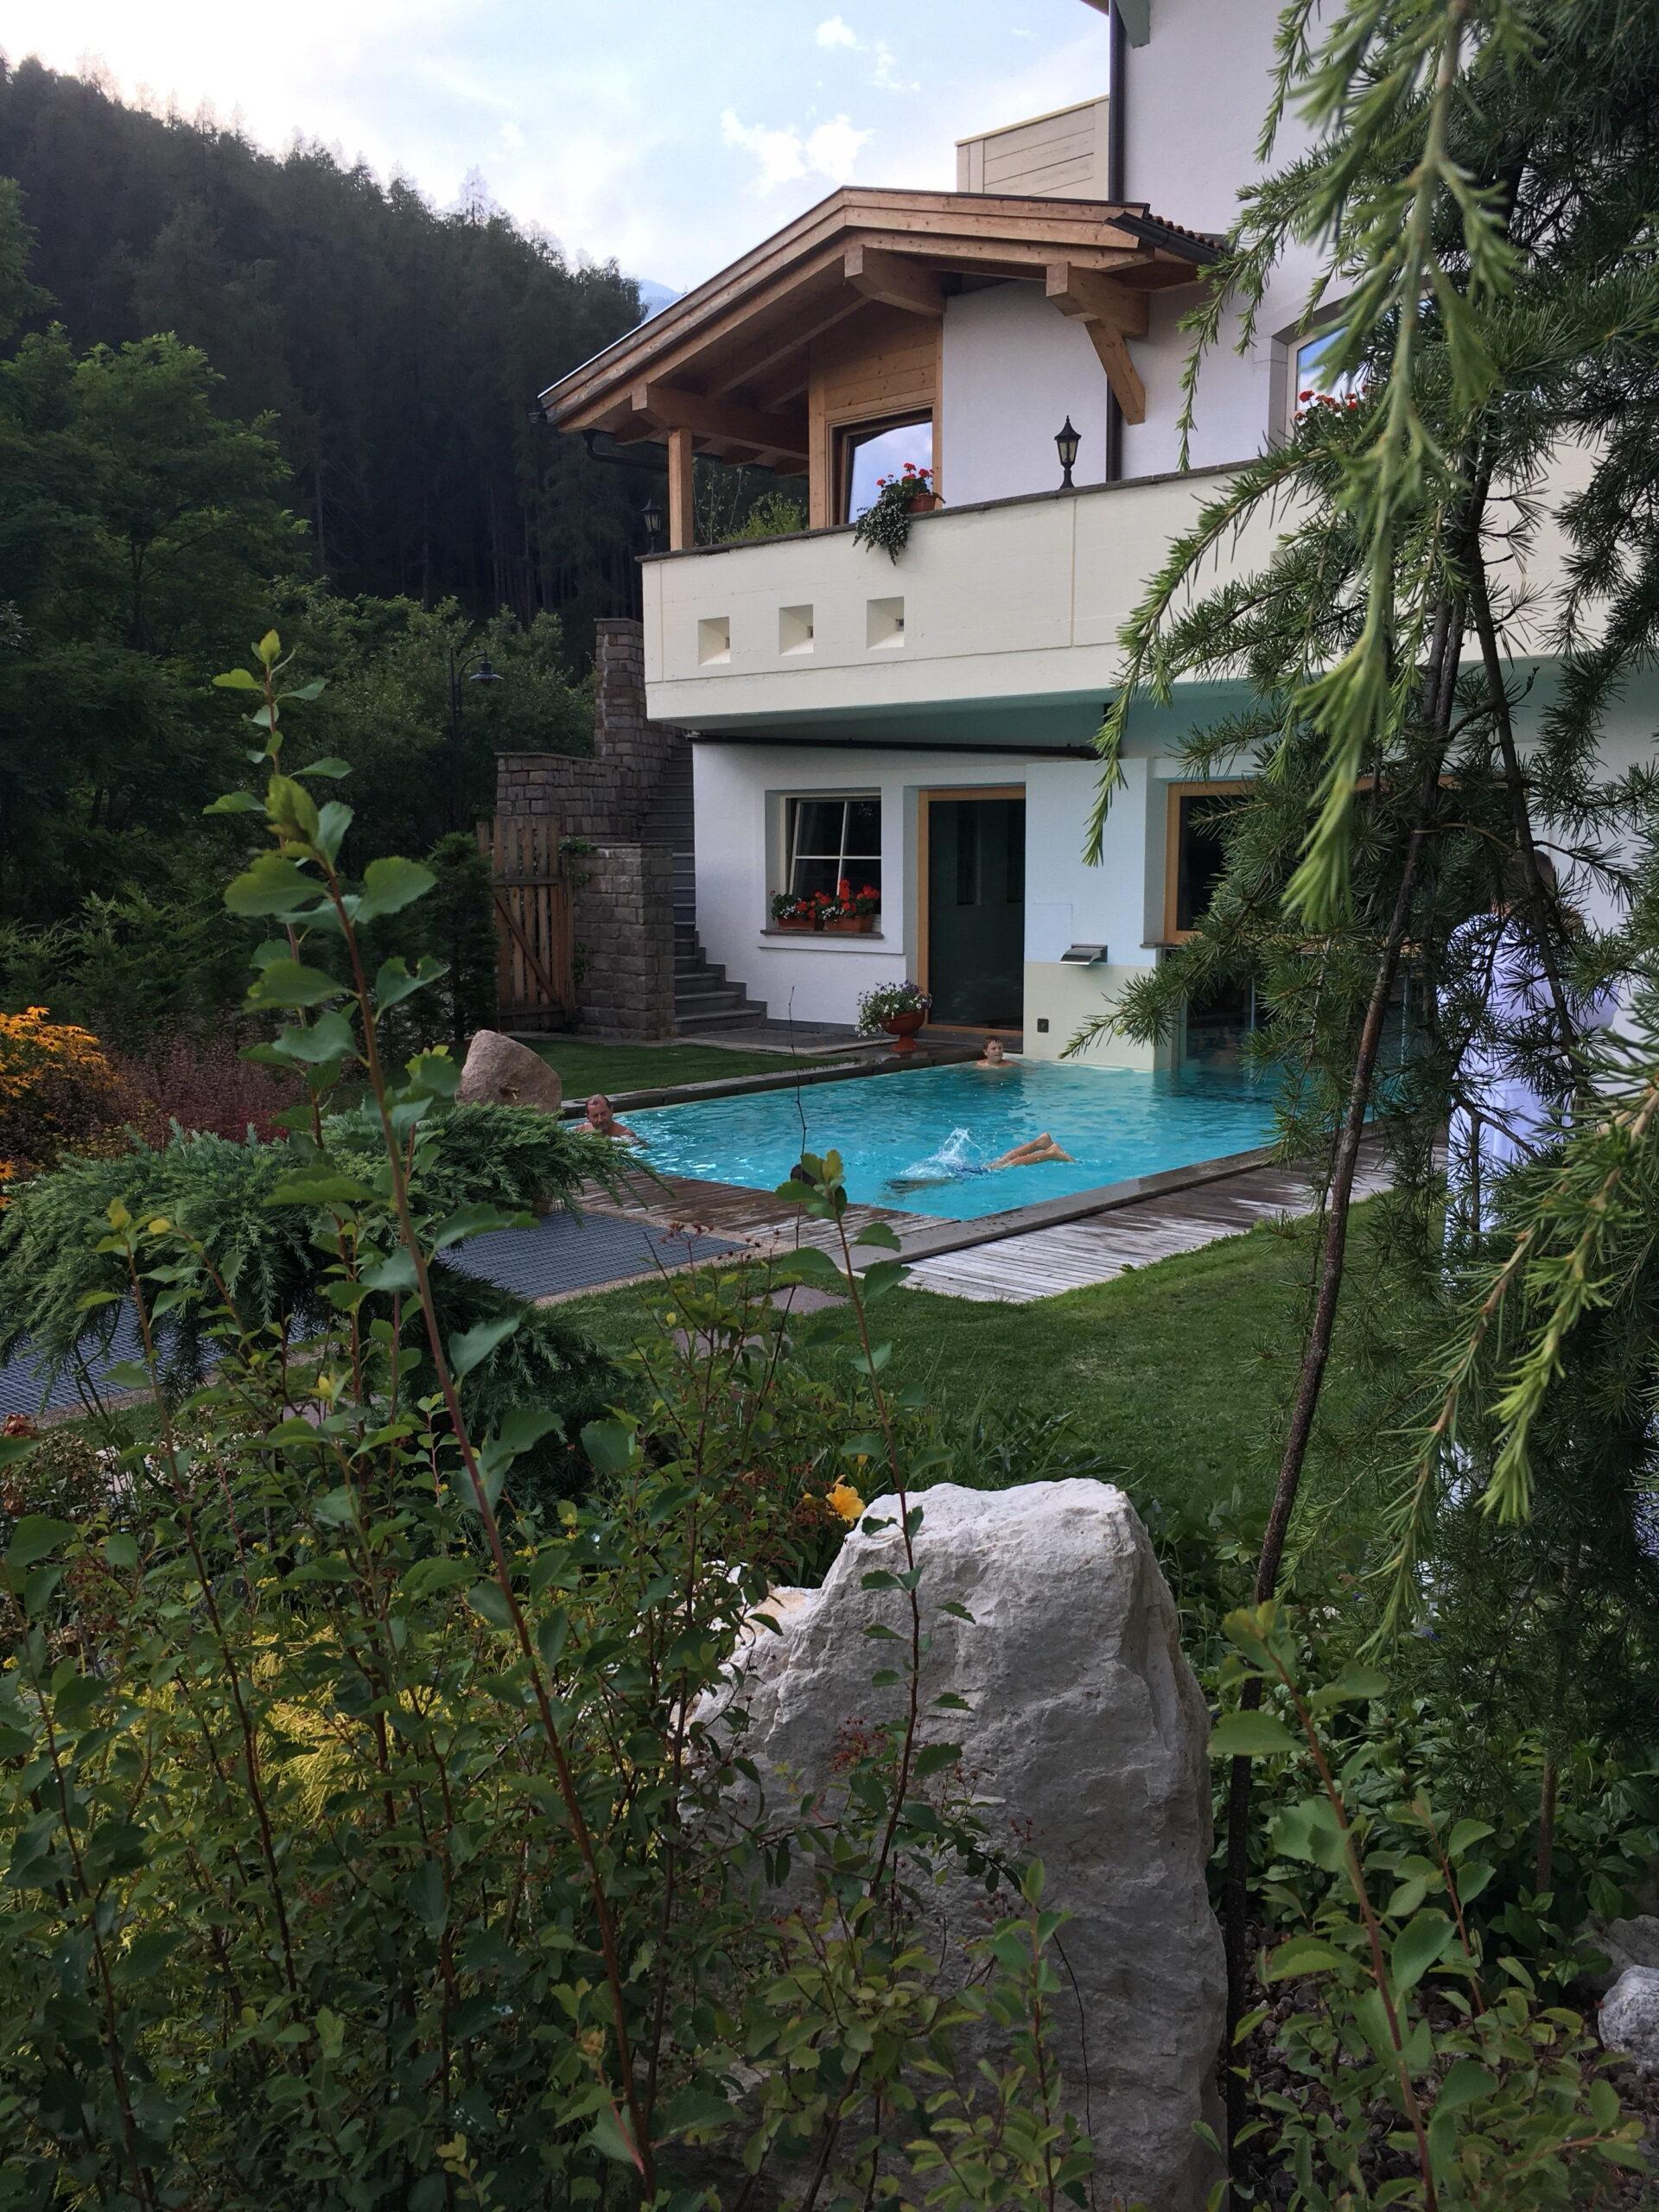 Hotel Erica Tesero - dove il relax è di casa 3